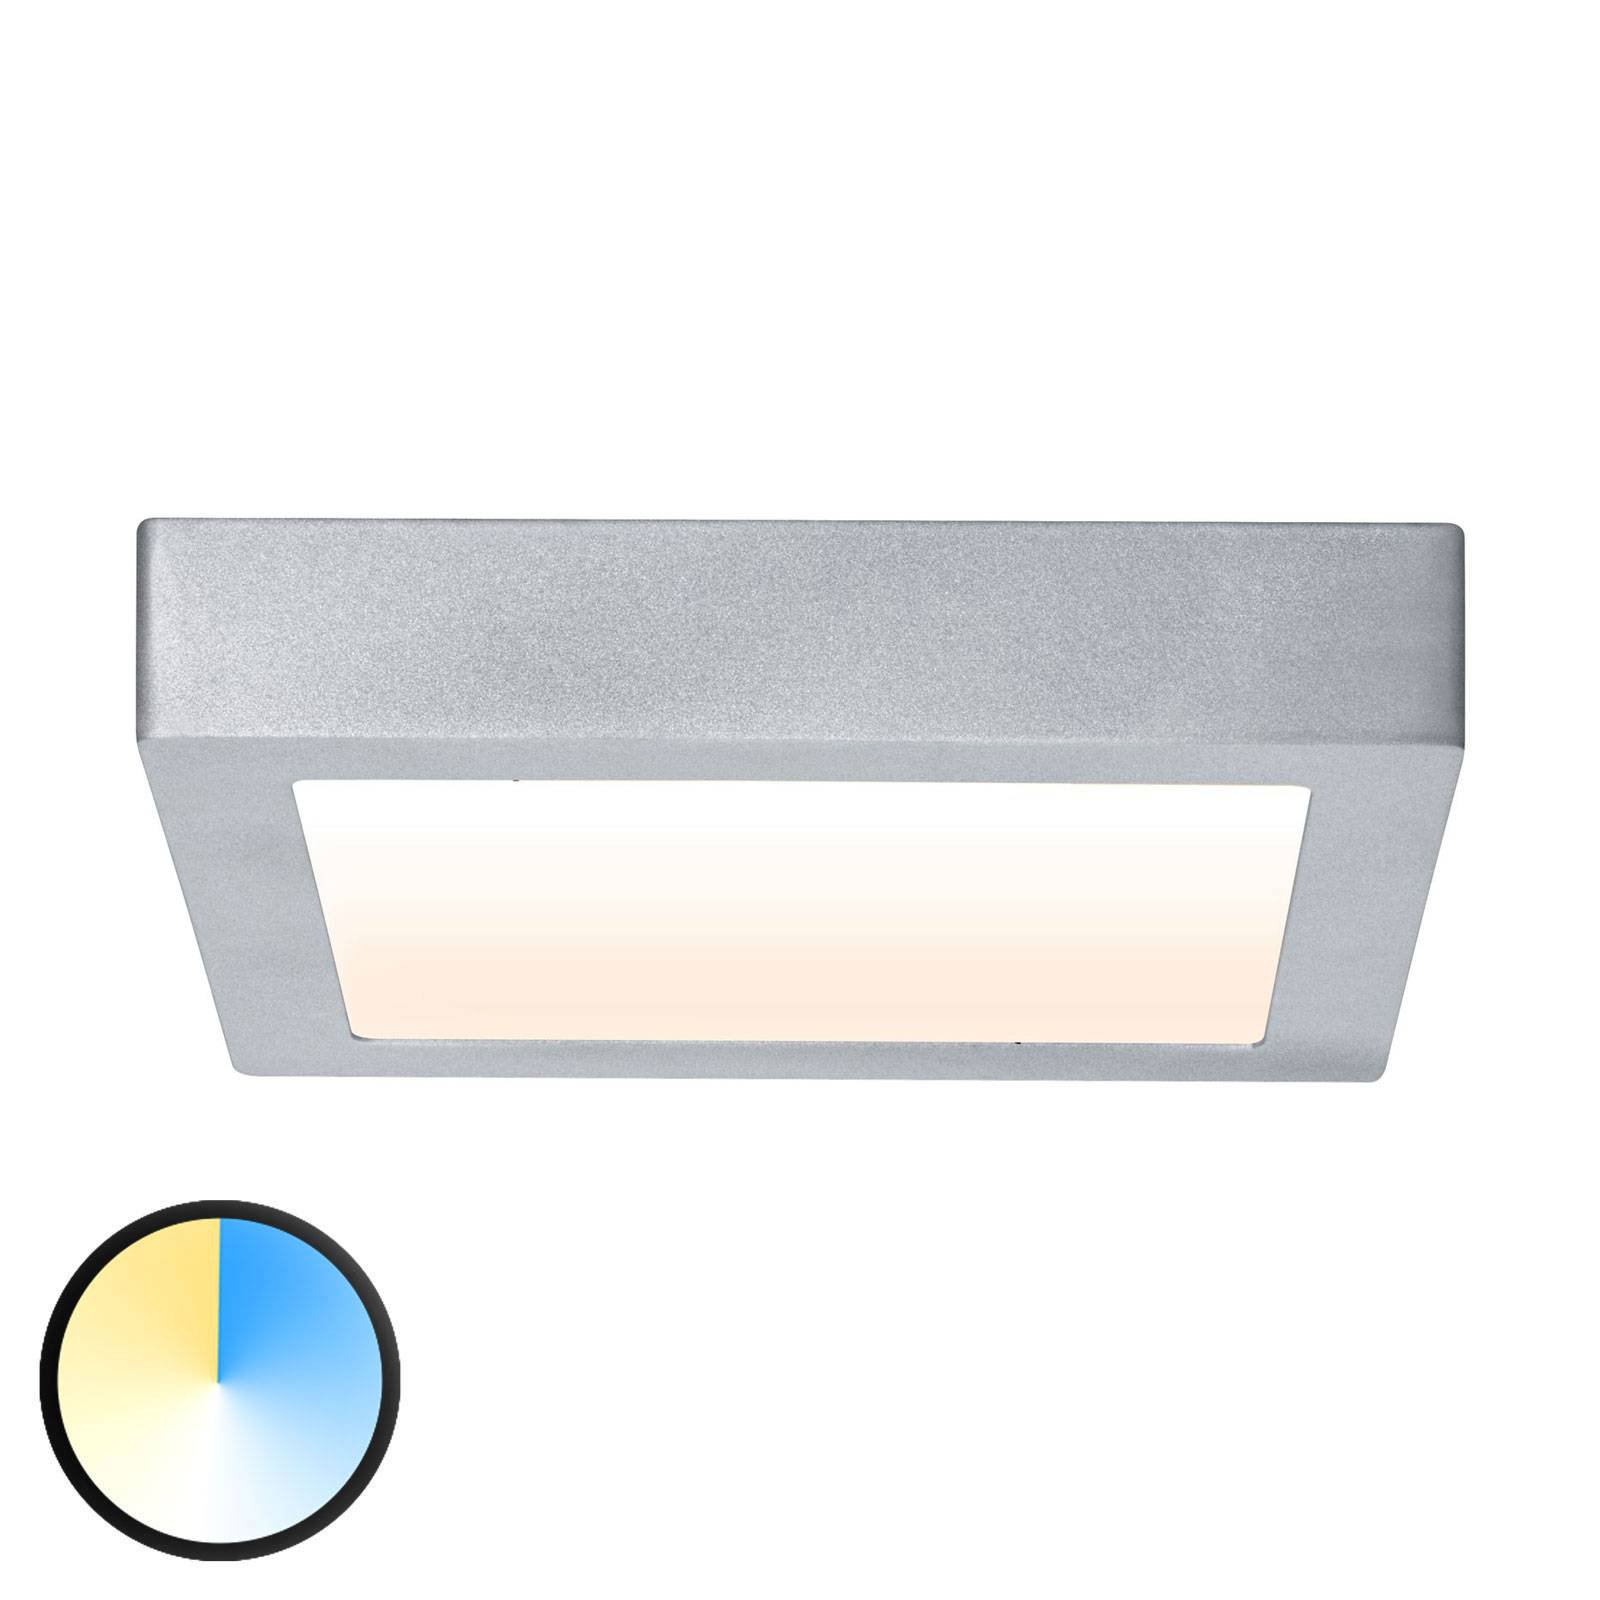 Paulmann Carpo LED-taklampe krom 22,5x22,5 cm